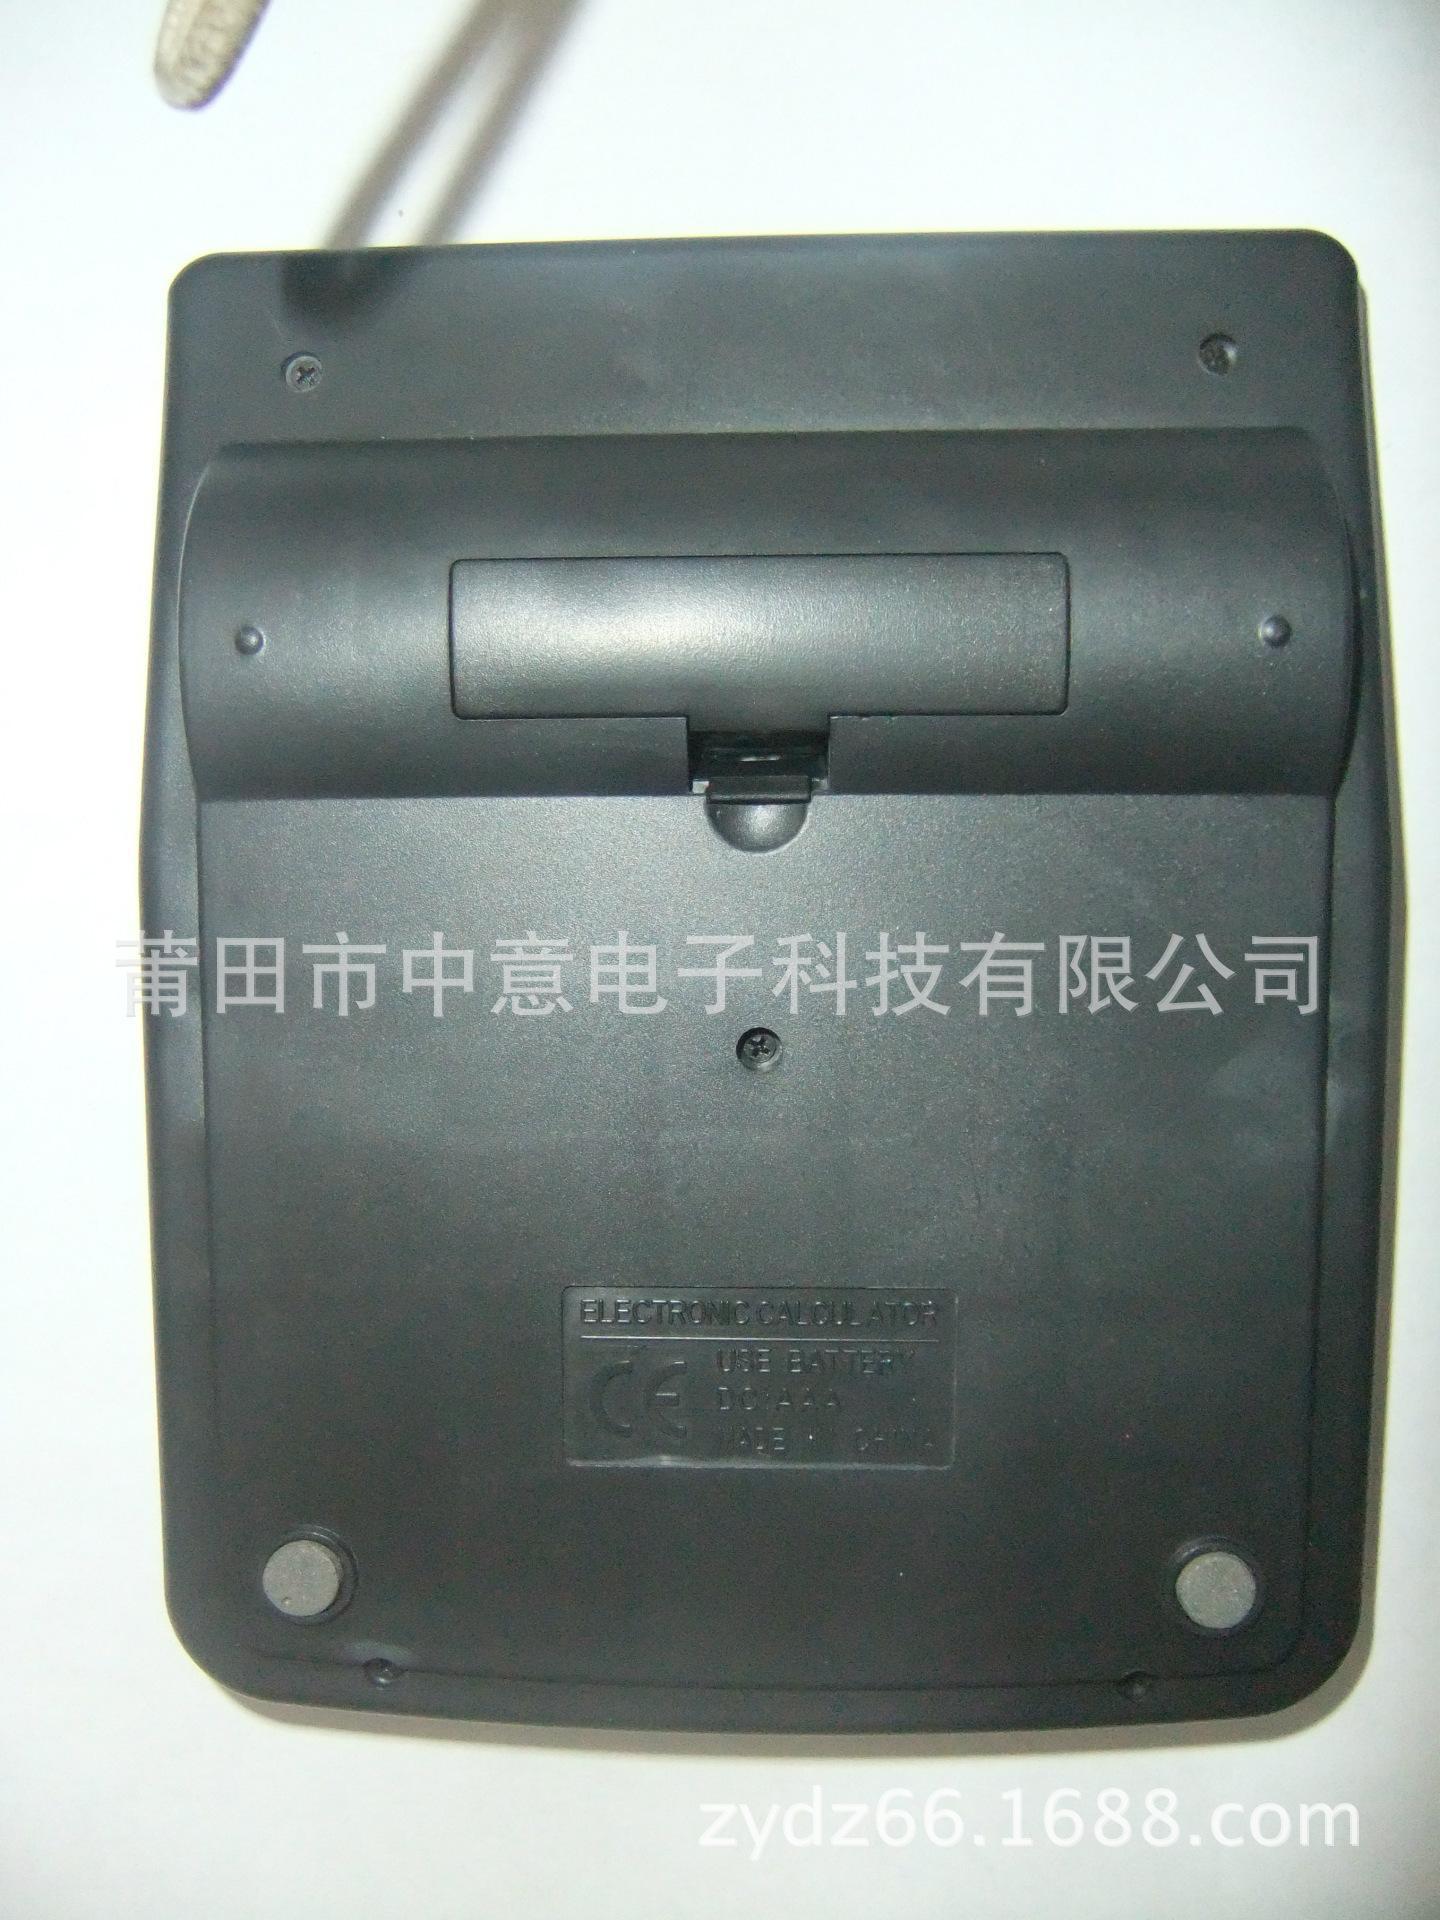 8位数工厂计算器,办公系列计算器,桌面计算器